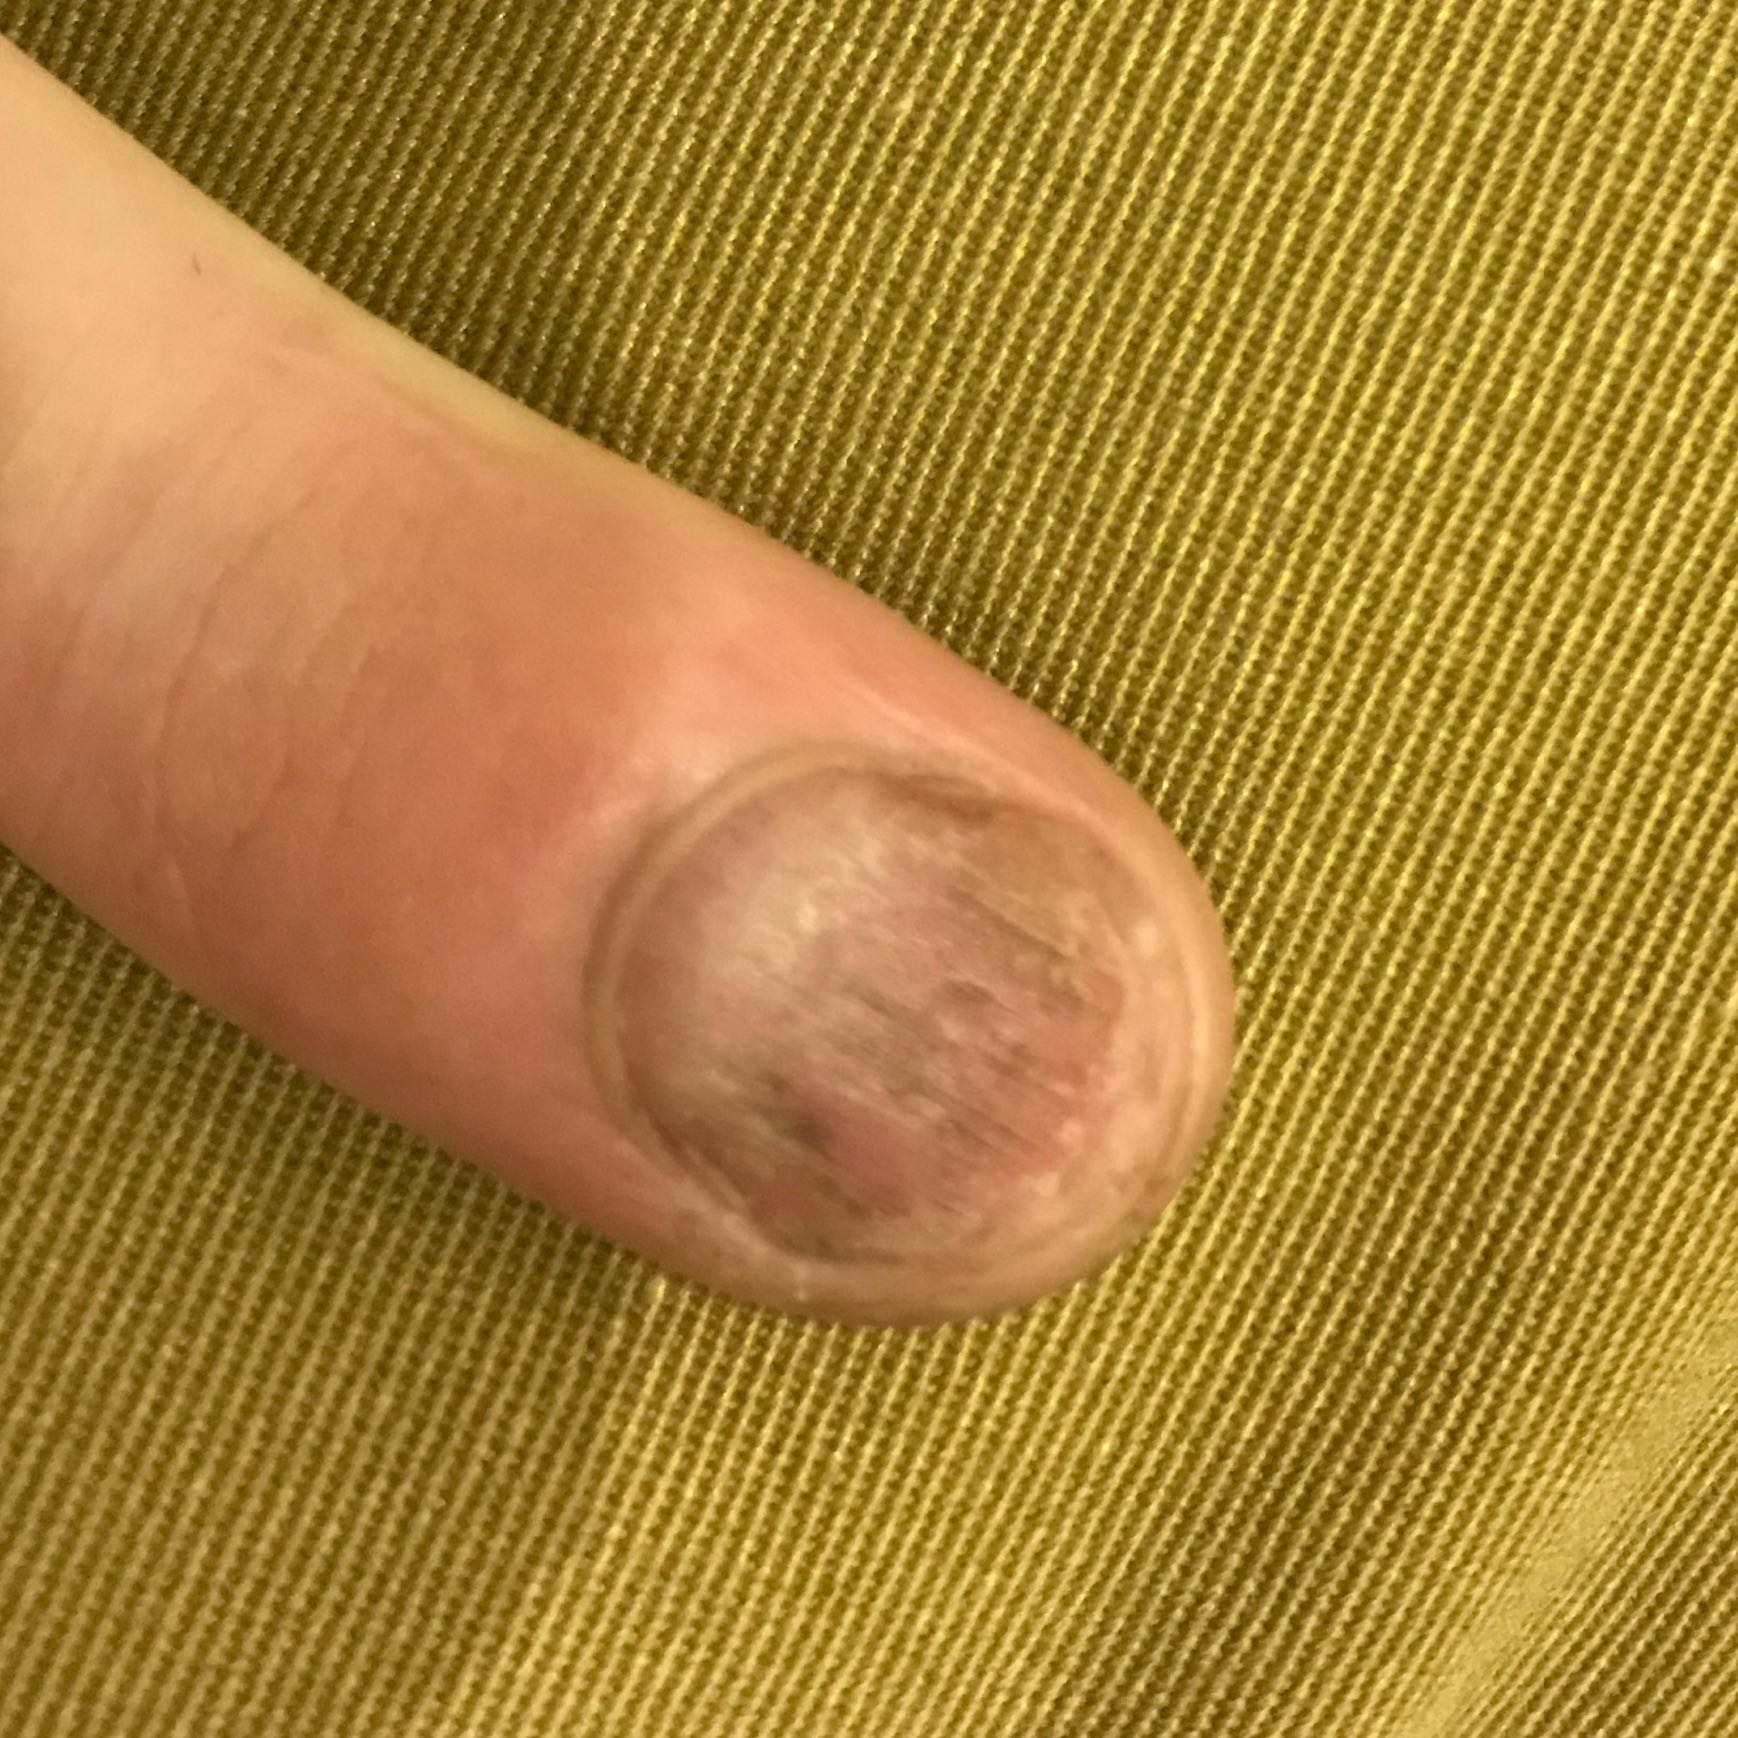 Was ist mit meinen Fingernagel? (Medizin, Arzt, Krankheit)